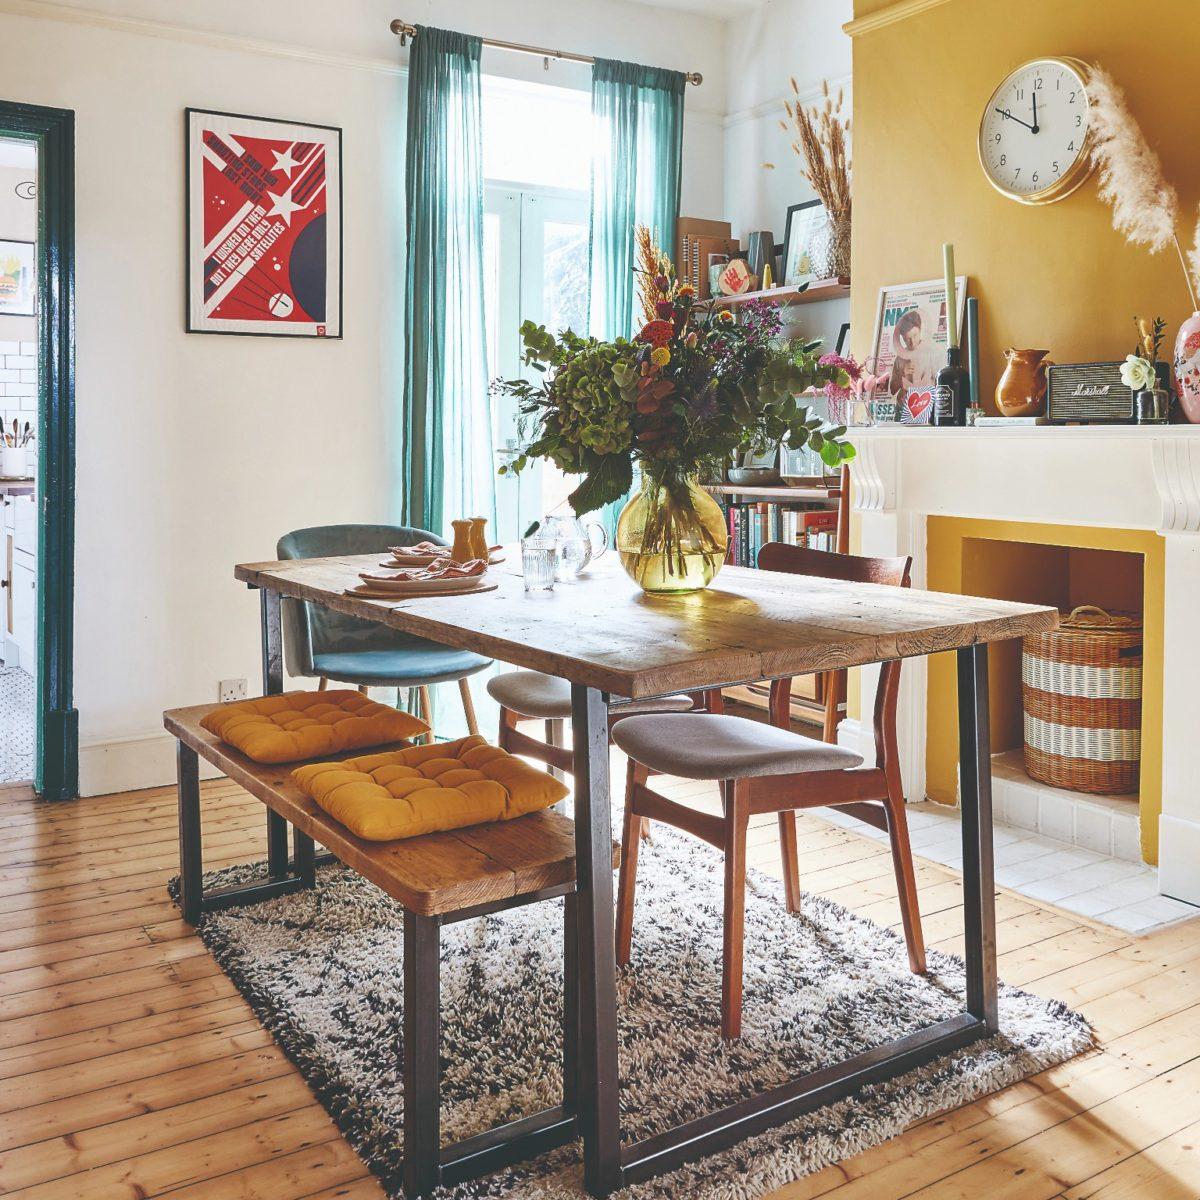 Barevné a zábavné bydlení, ze kterého přímo vyzařuje pozitivní energie